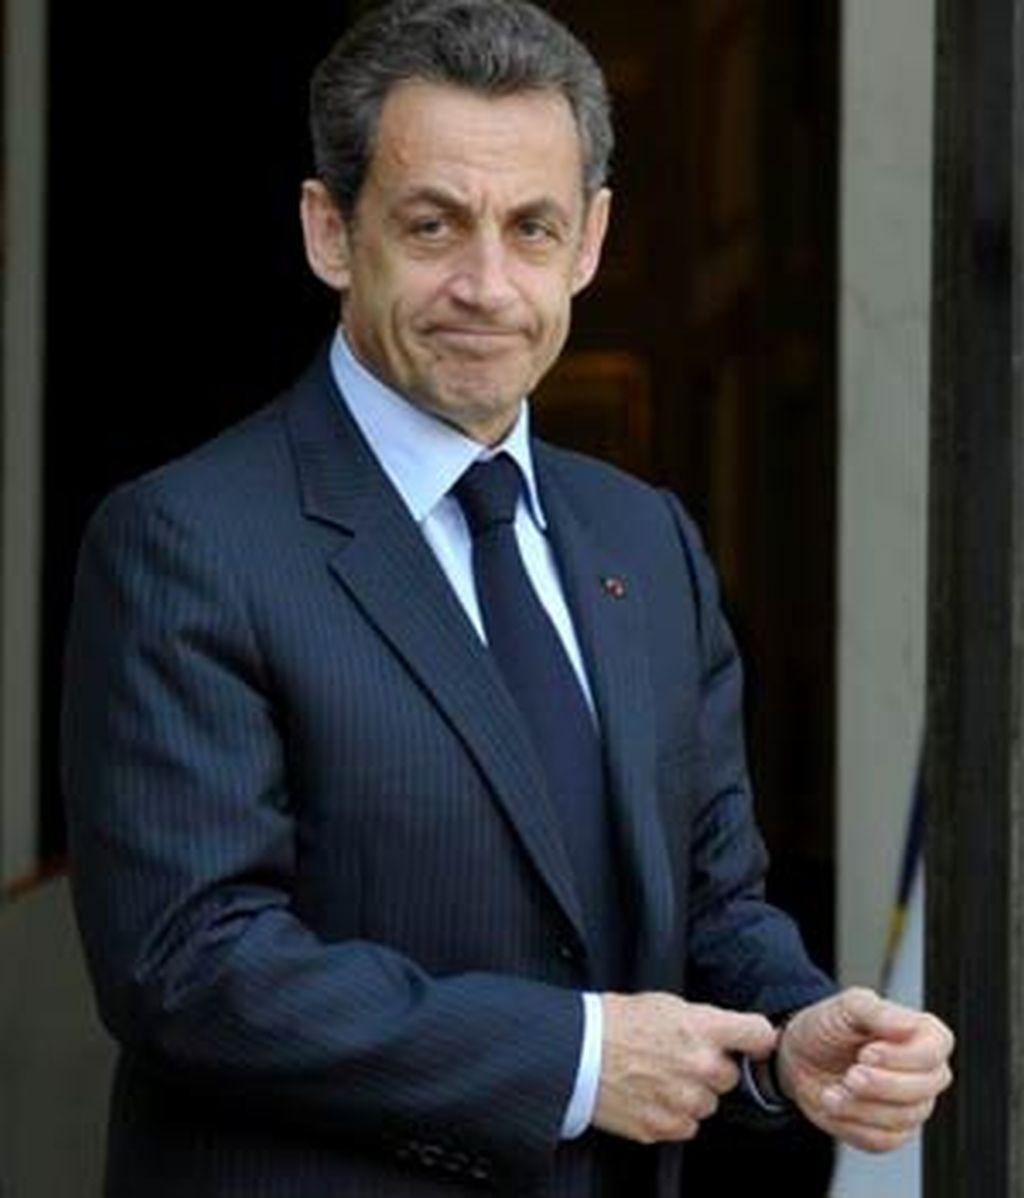 El presidente de Francia, Nicolas Sarkozy, en una imagen de archivo. Foto: EFE